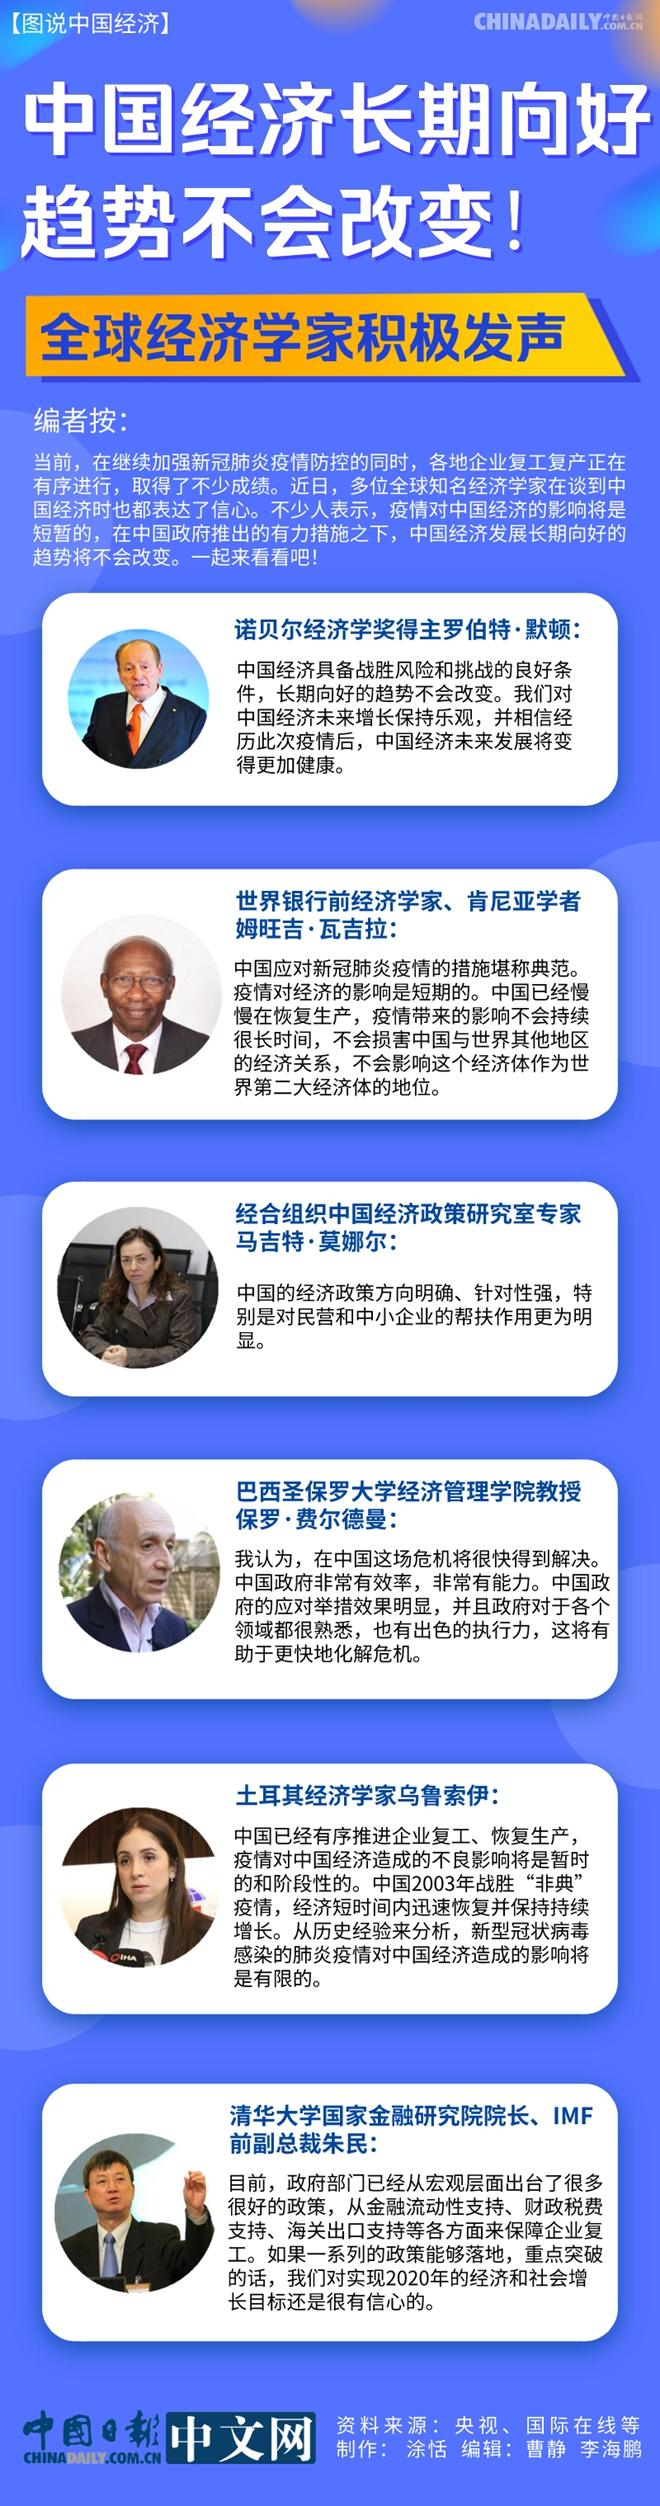 在家上网怎么赚钱:中国经济长期向好趋势不会改变!全球经济学家